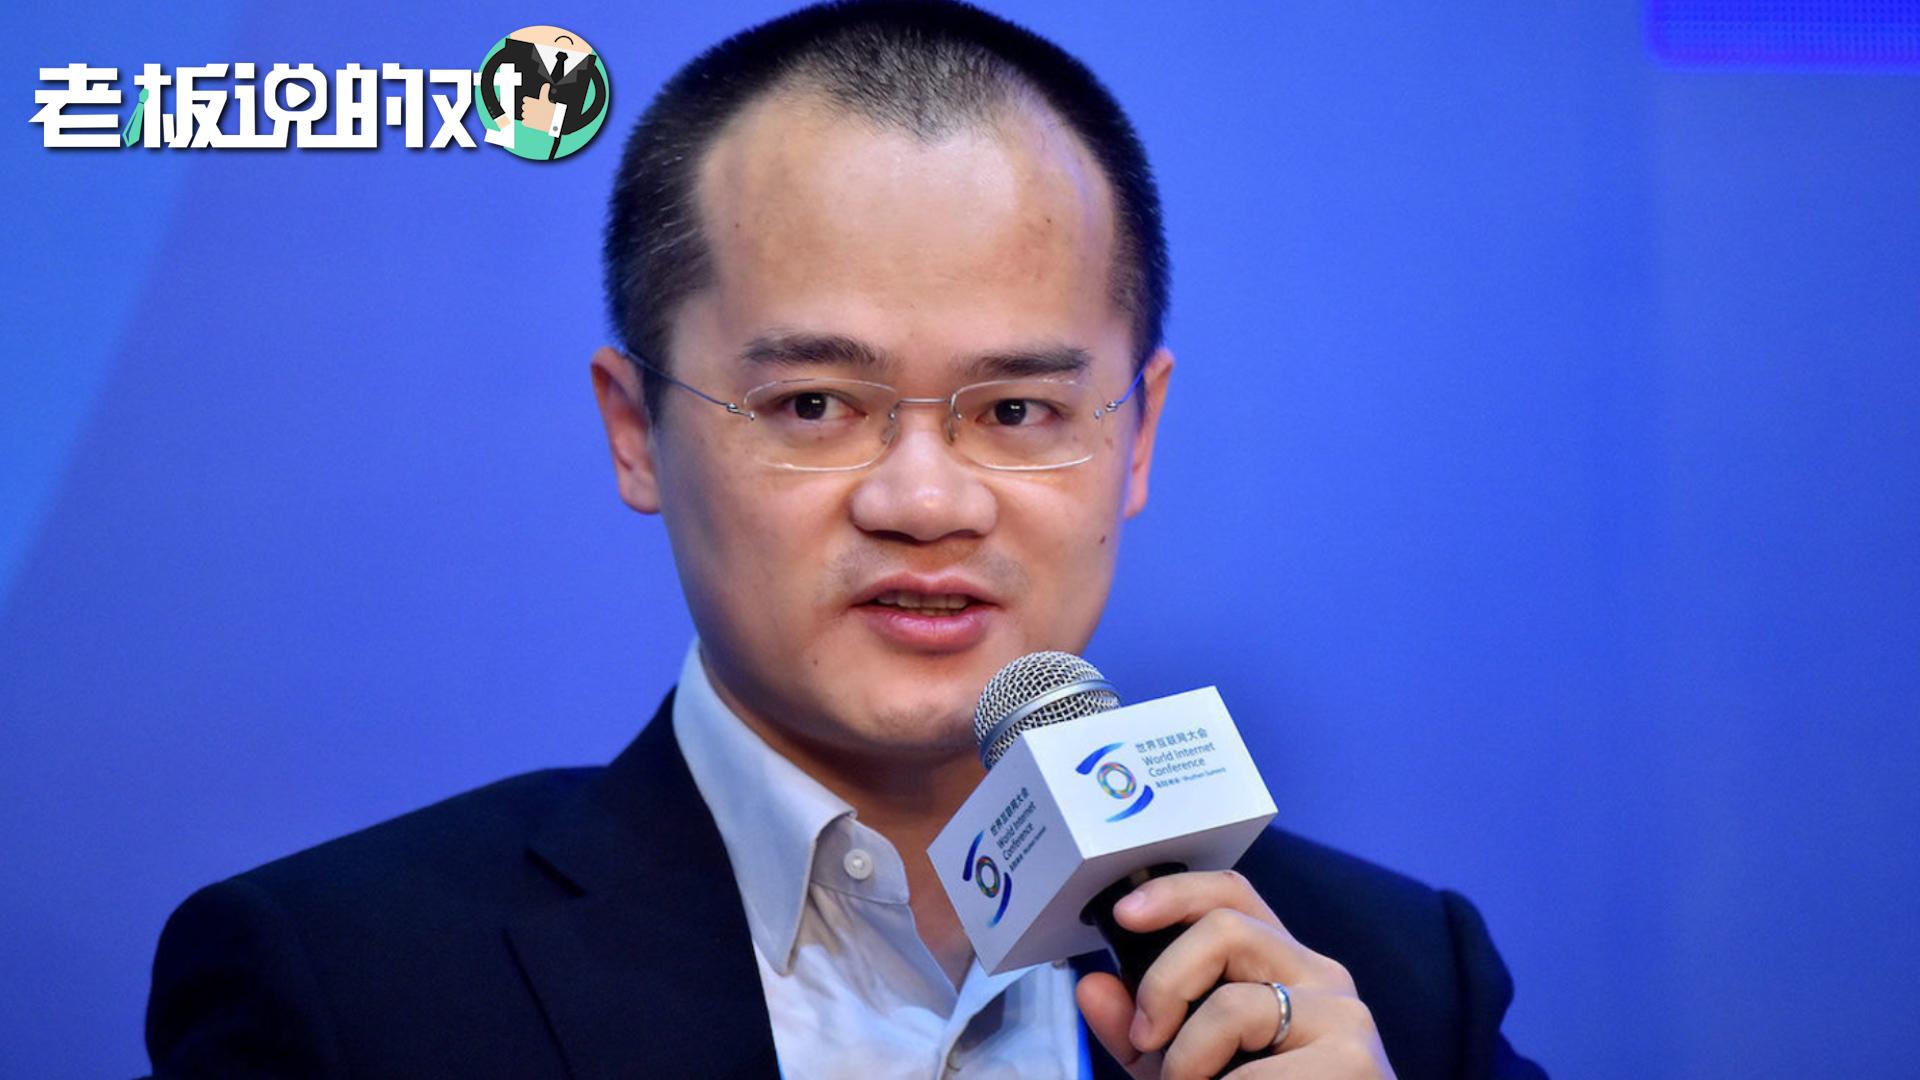 """美团点评CEO王兴:吃是我们的核心!利用各种技术让人们""""吃好"""""""